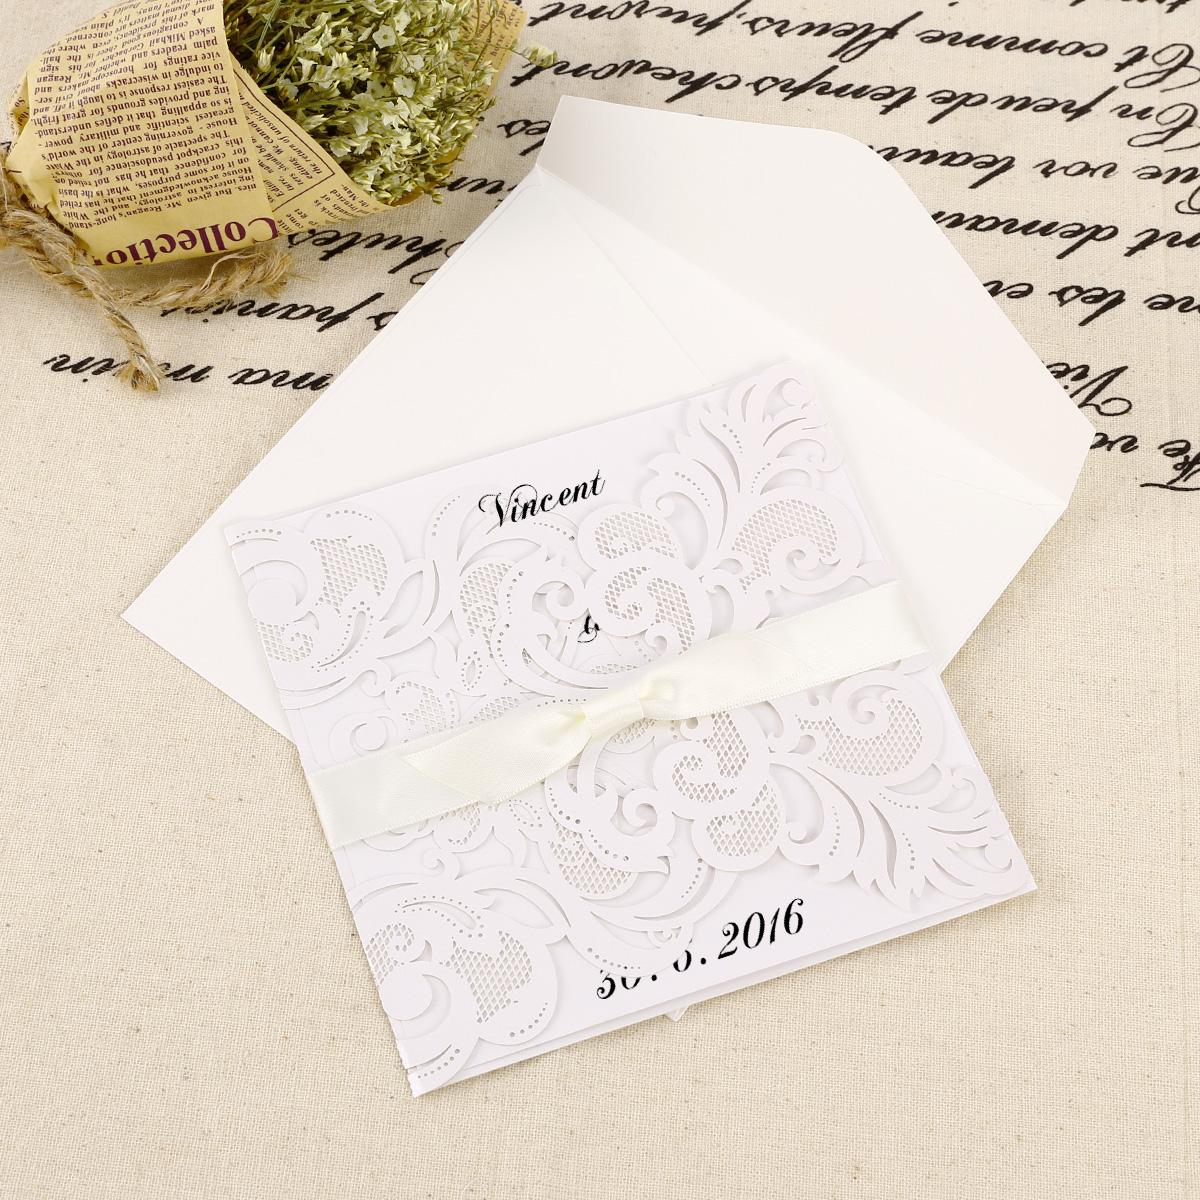 Fesselnd Papier Einladungskarten Einladung Set Mit Umschlag Hochzeit Taufe